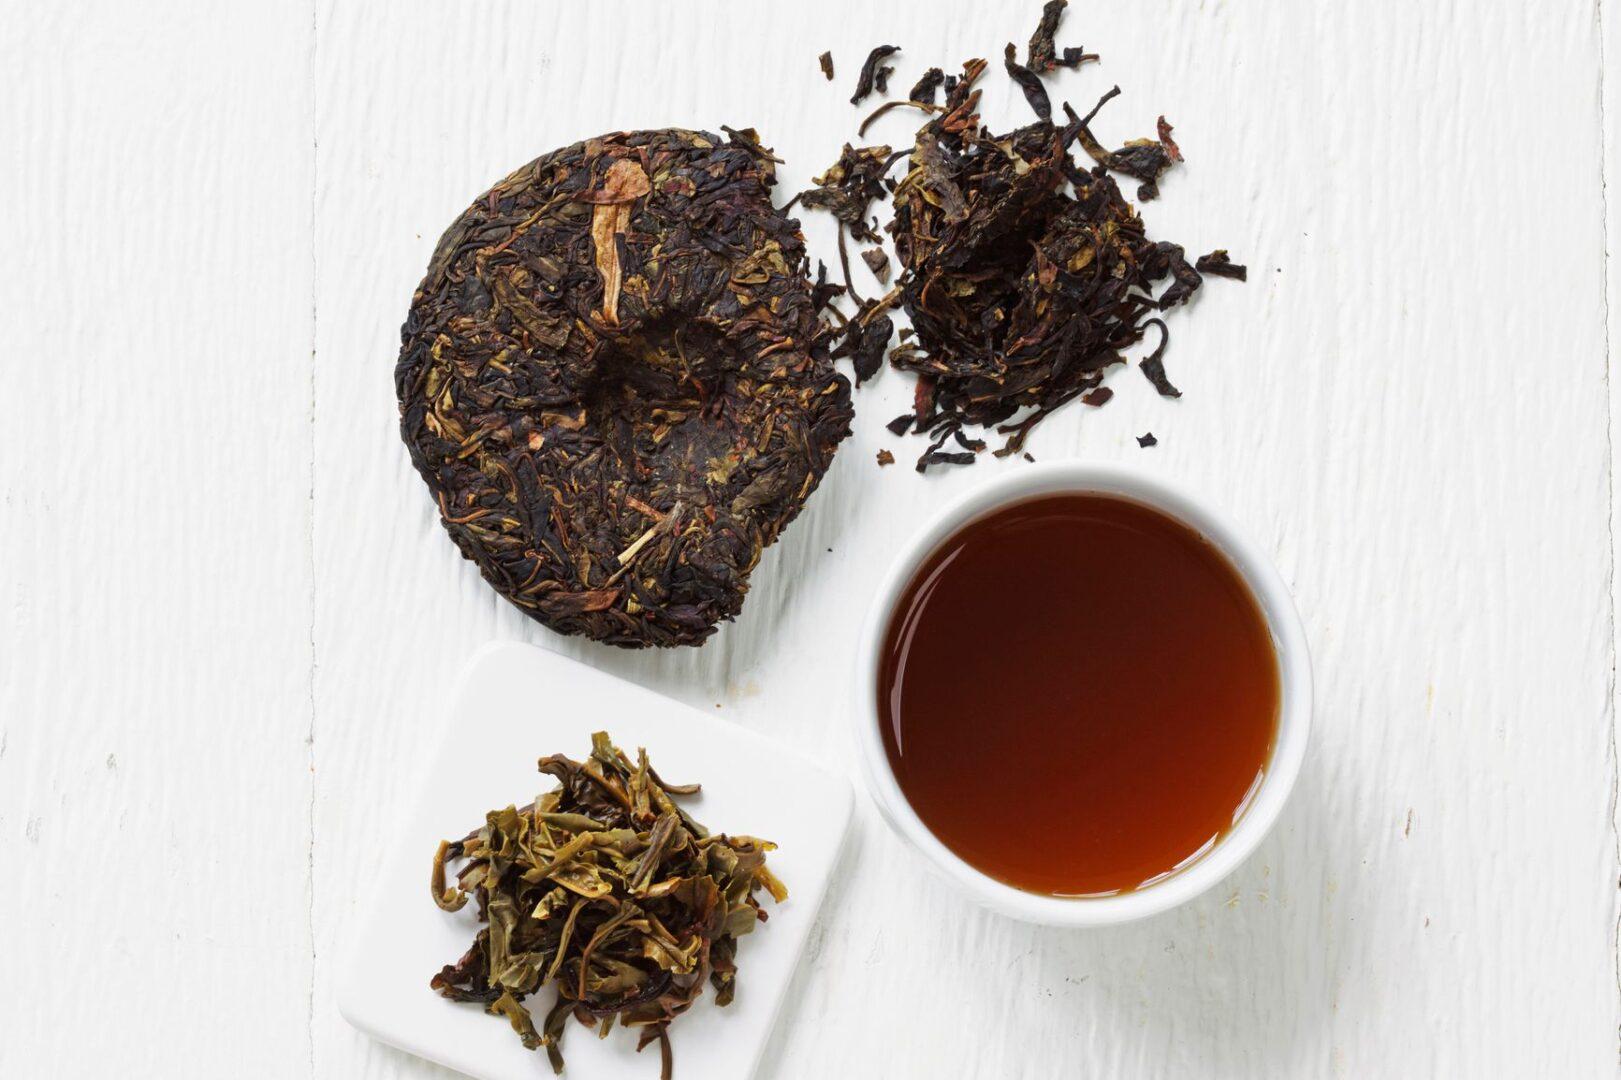 Buy Pu'erh Tea - The Larkin Tea Company